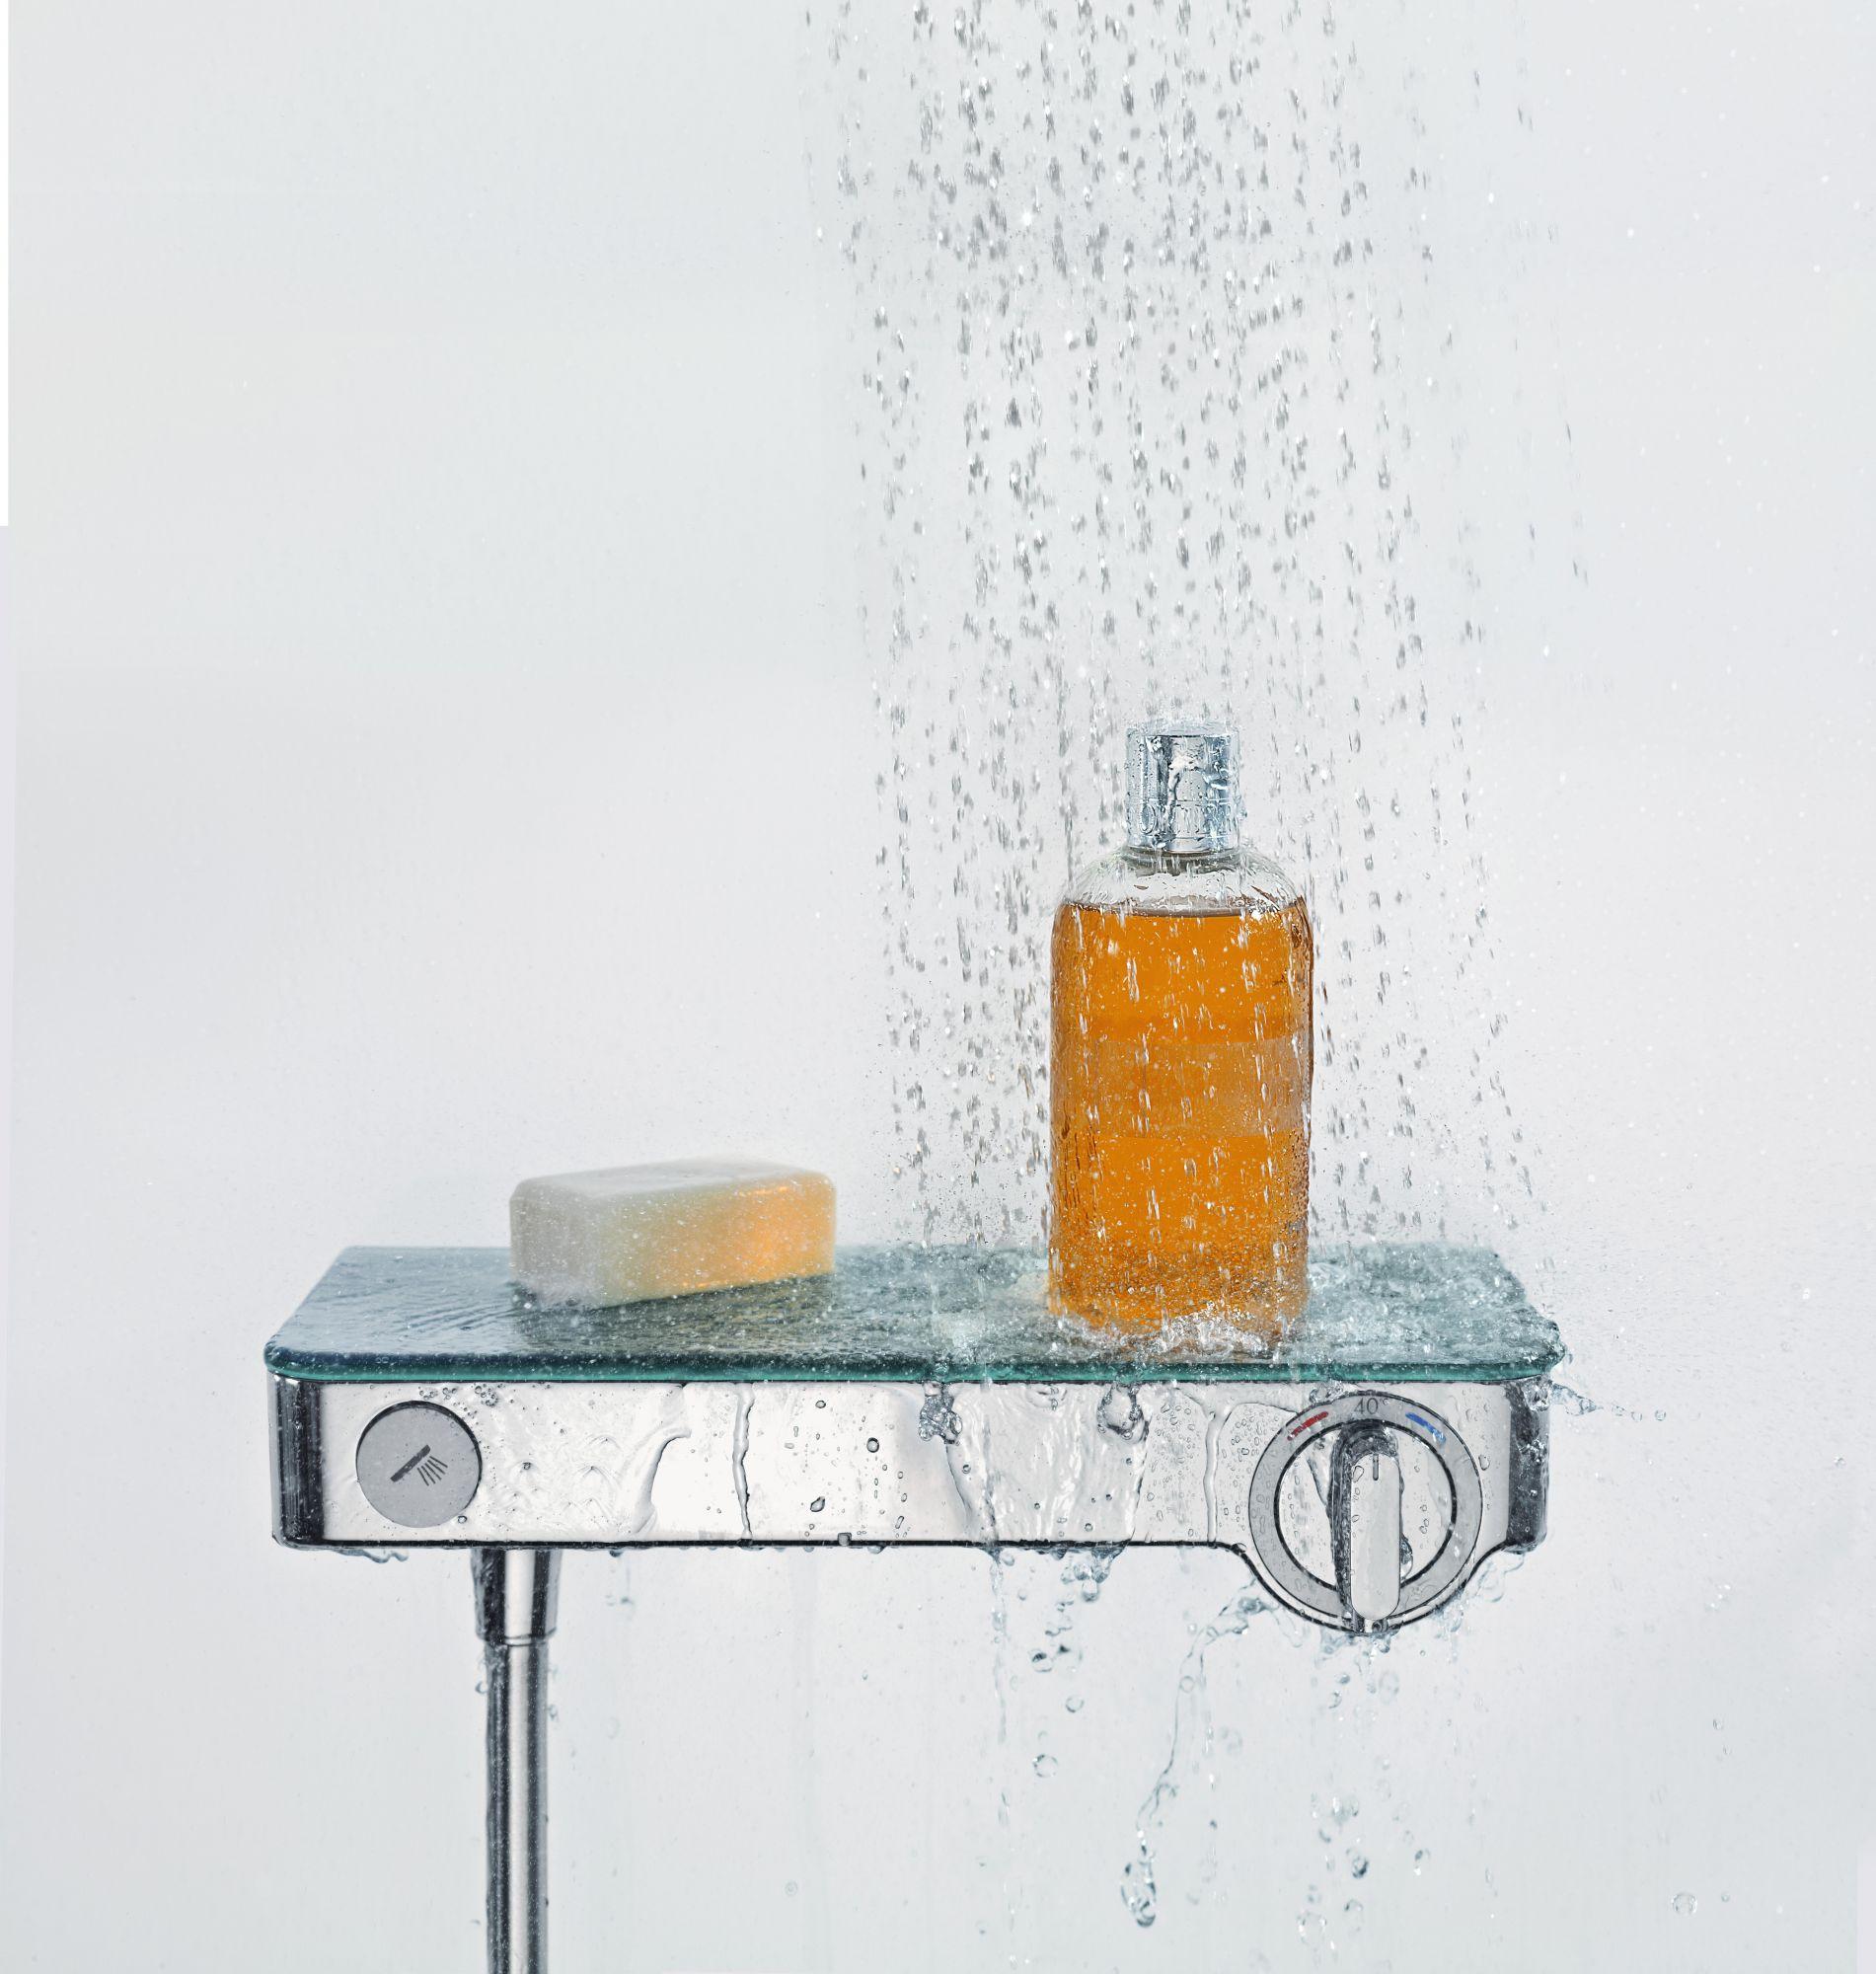 提供智慧置物空間,置物架可以放置沐浴用品,使淋浴的空間更寬敞。Image:AXOR